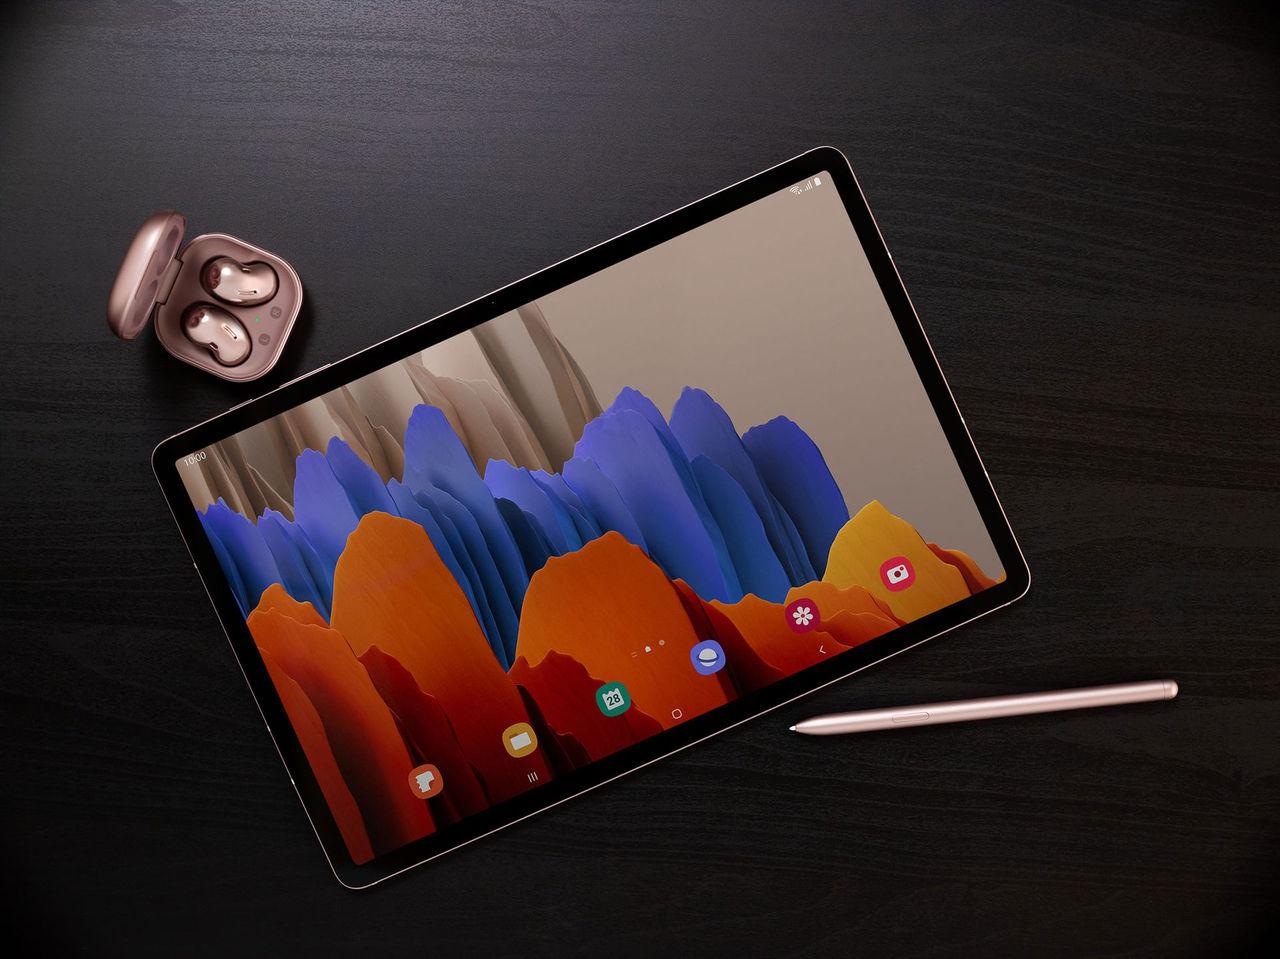 Samsung Galaxy Tab S8 Ultra kan få OLED-skärm på 14,6 tum